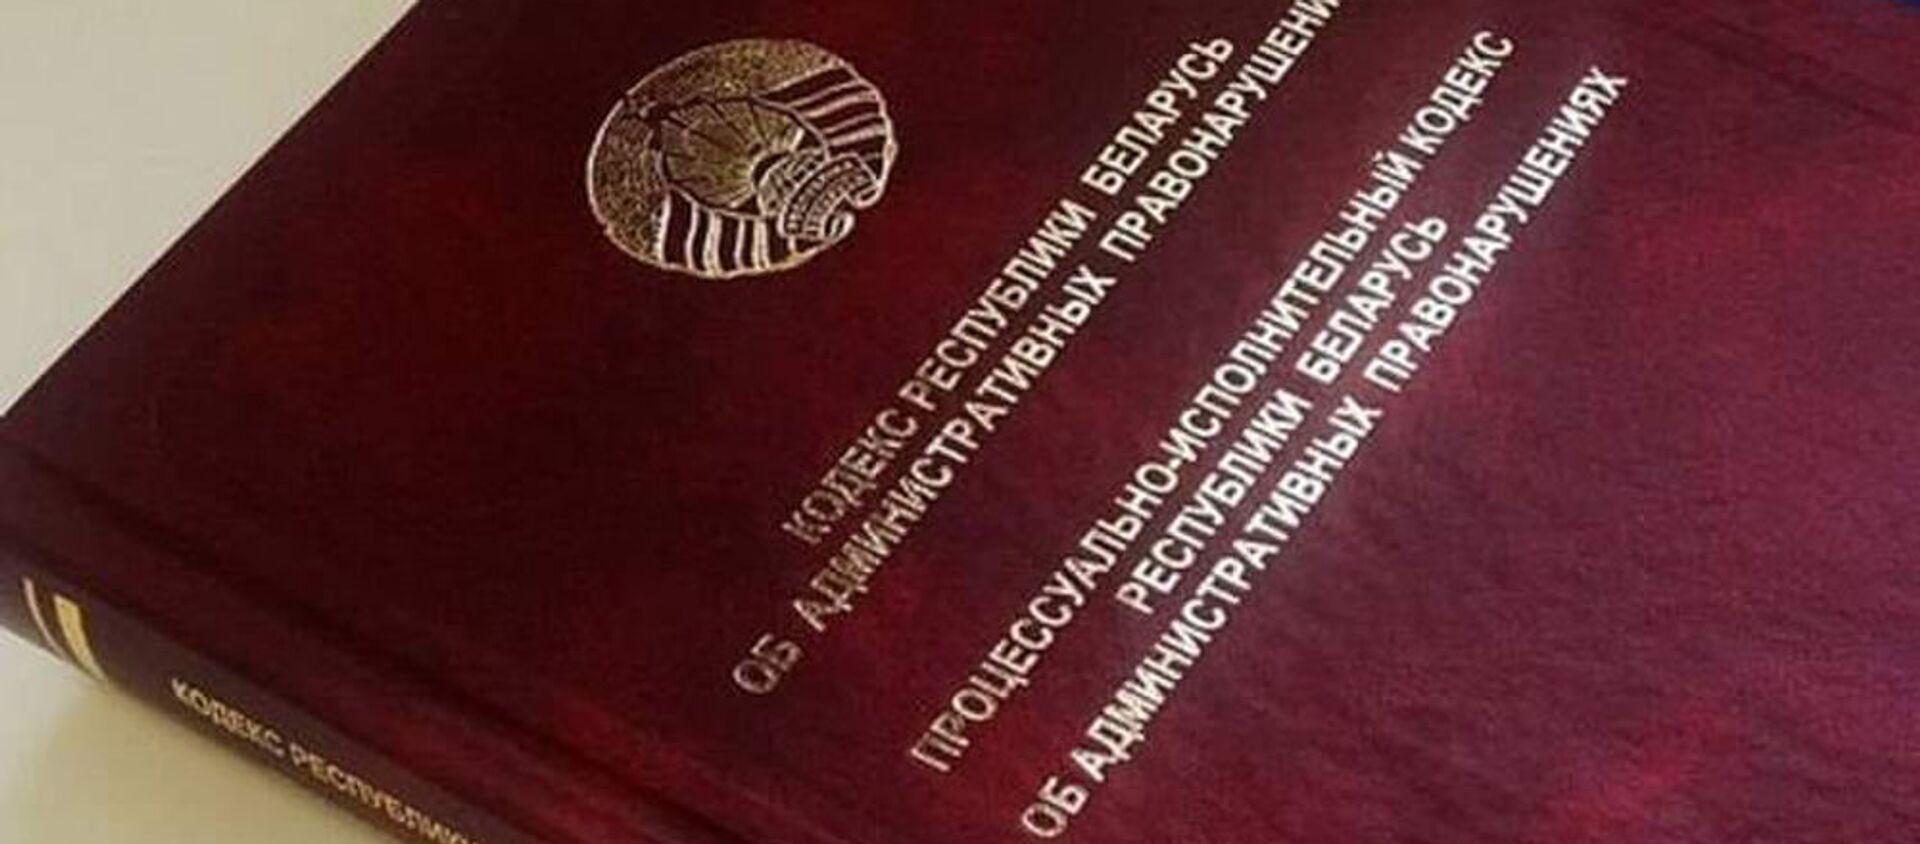 Кодекс об административных правонарушениях - Sputnik Беларусь, 1920, 01.03.2021